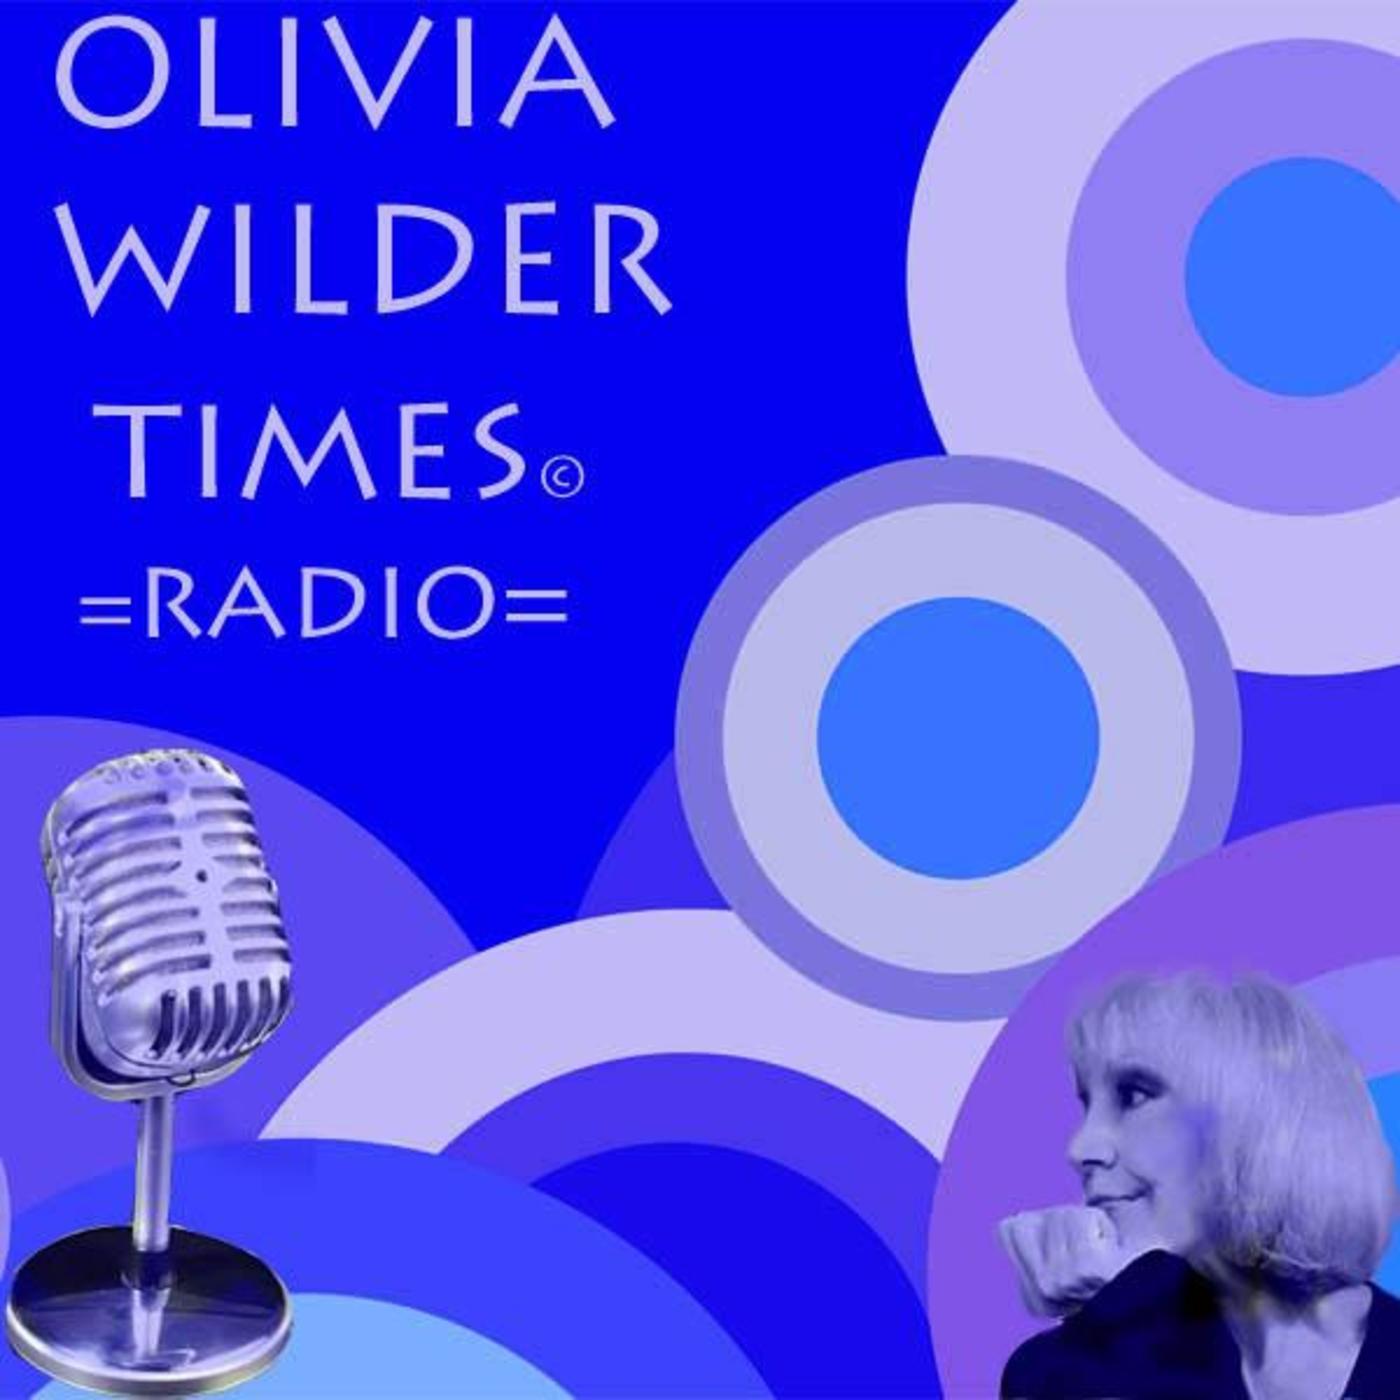 Olivia Wilder Times™